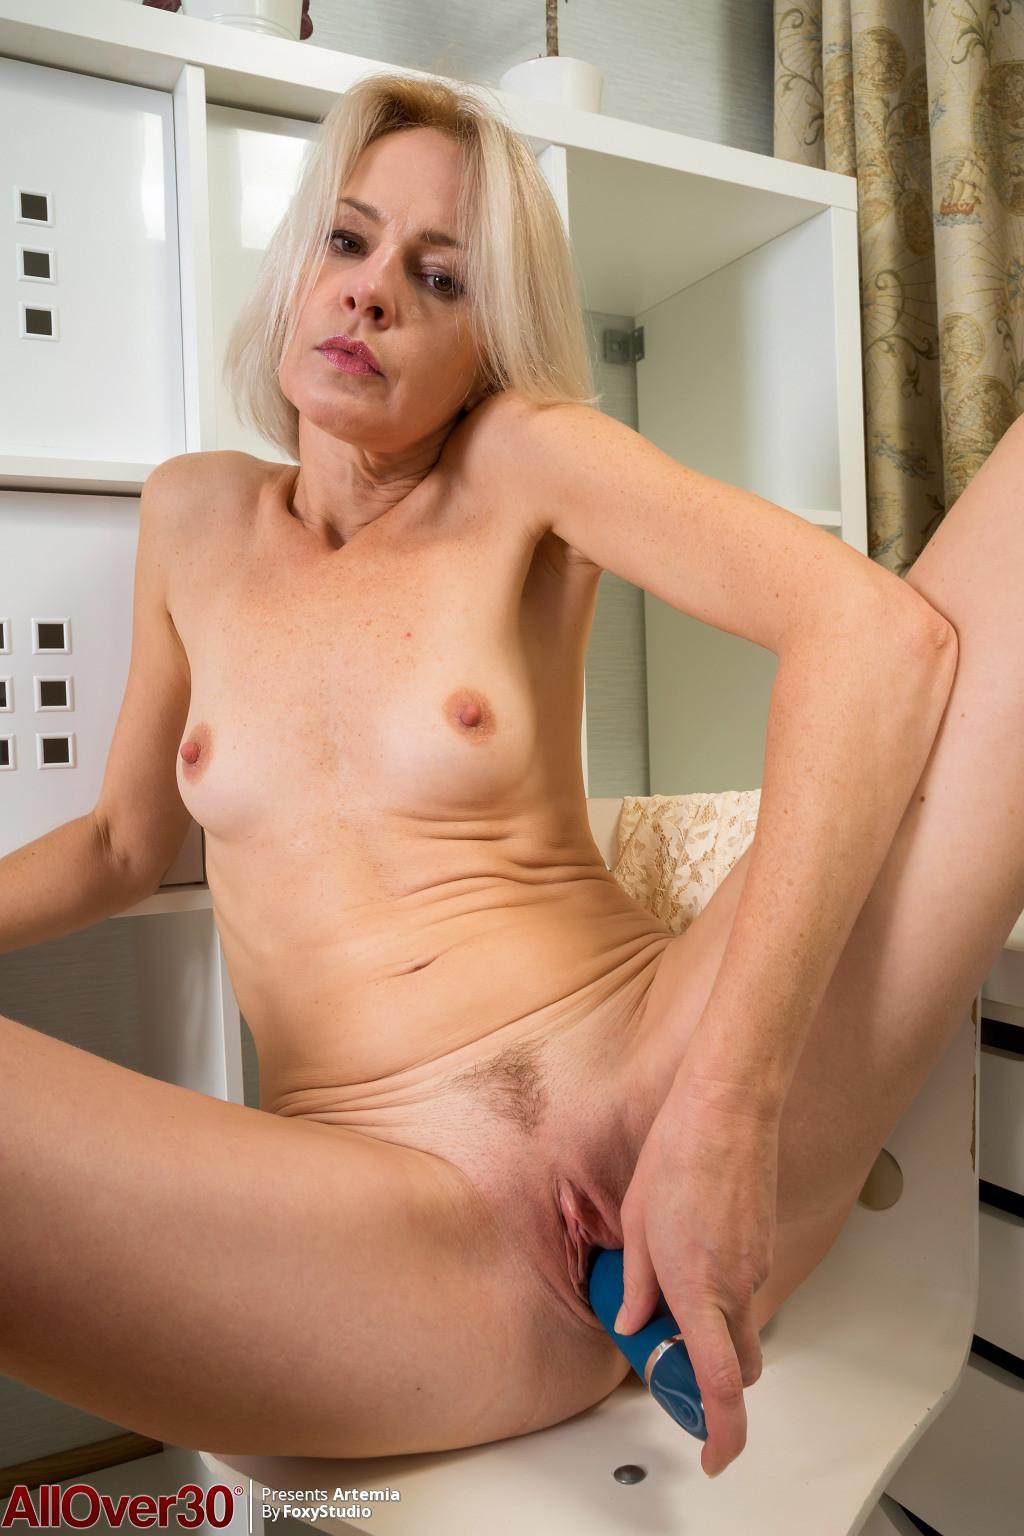 Slender Blonde Nude